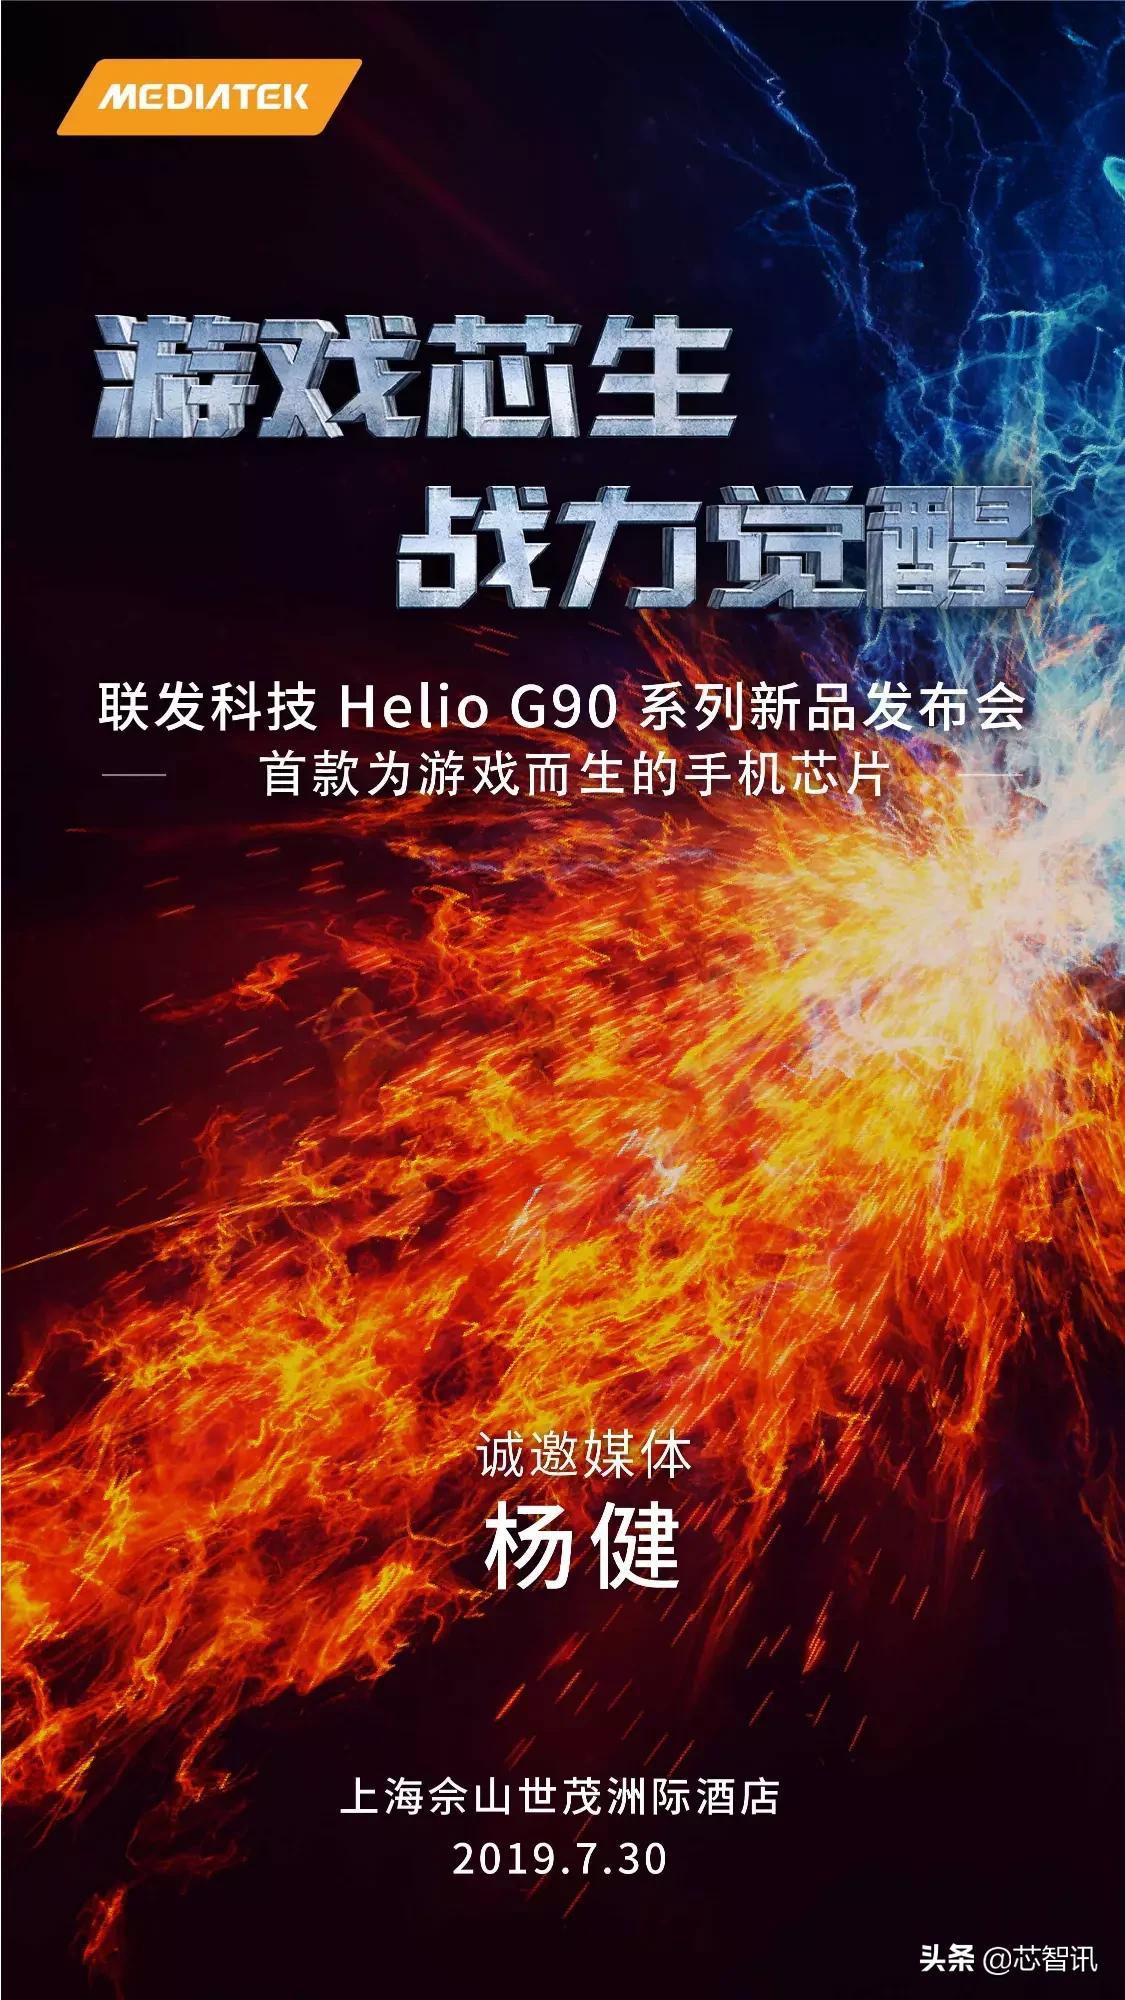 挑战高通骁龙旗舰!联发科首款游戏手机芯片Helio G90月底发布-芯智讯